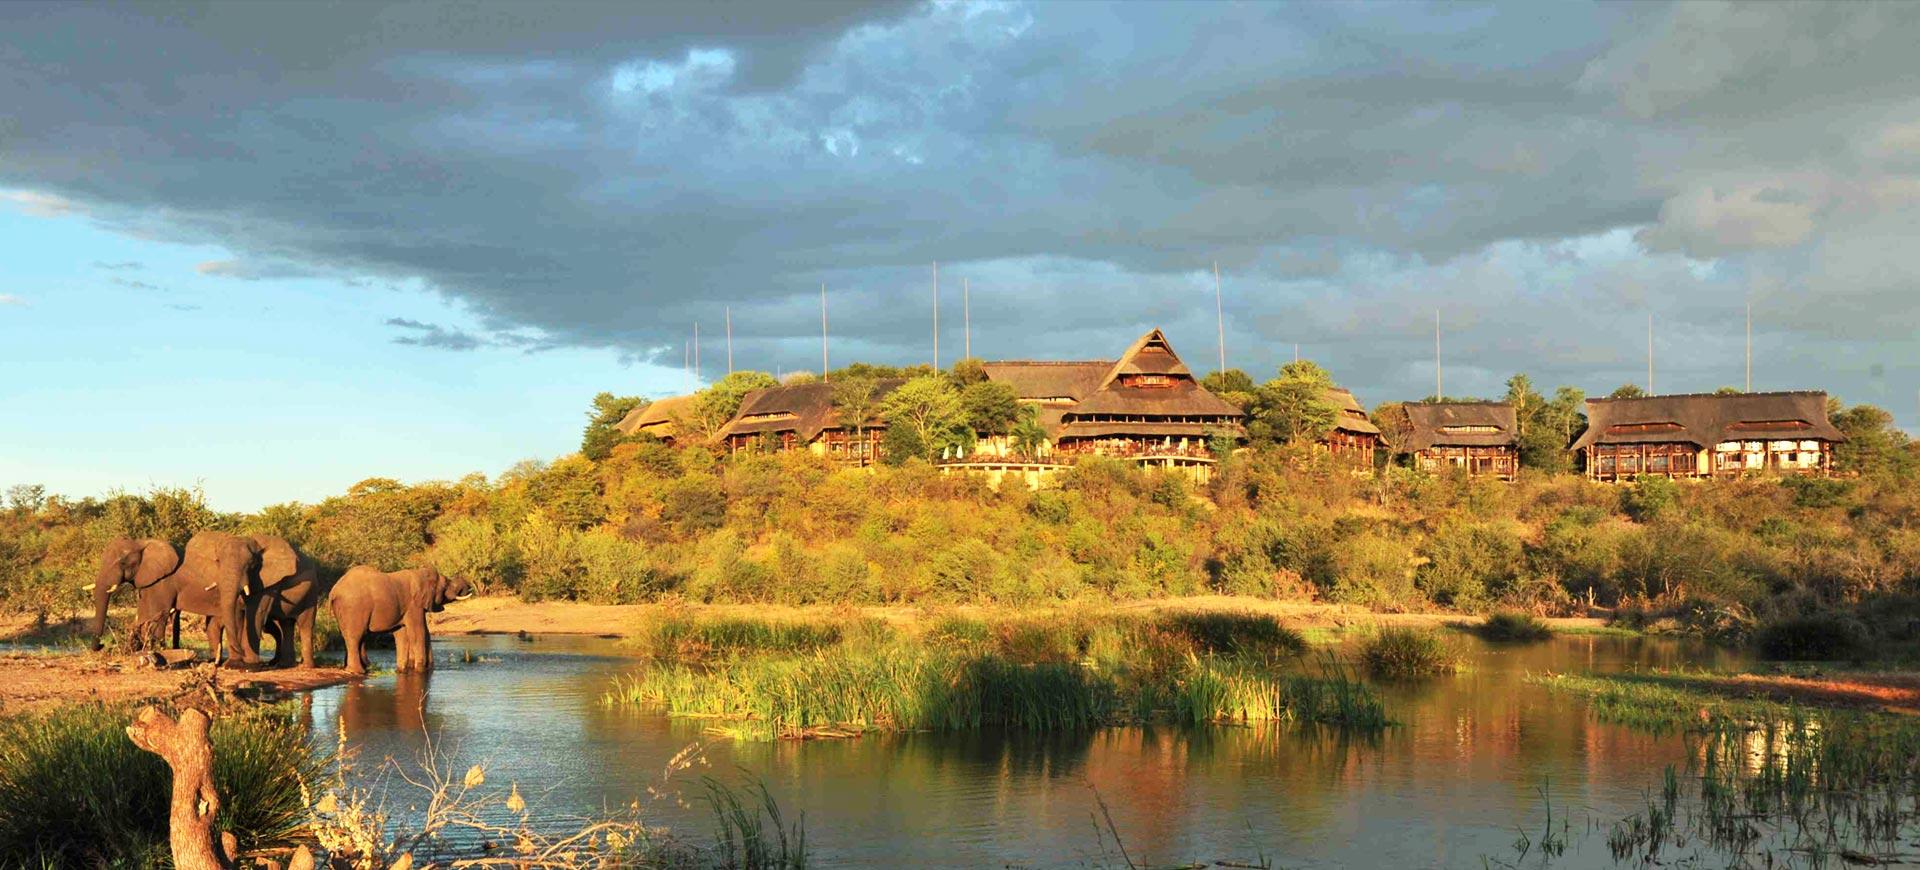 Victoria Falls Safari Lodge Conference Waterhole